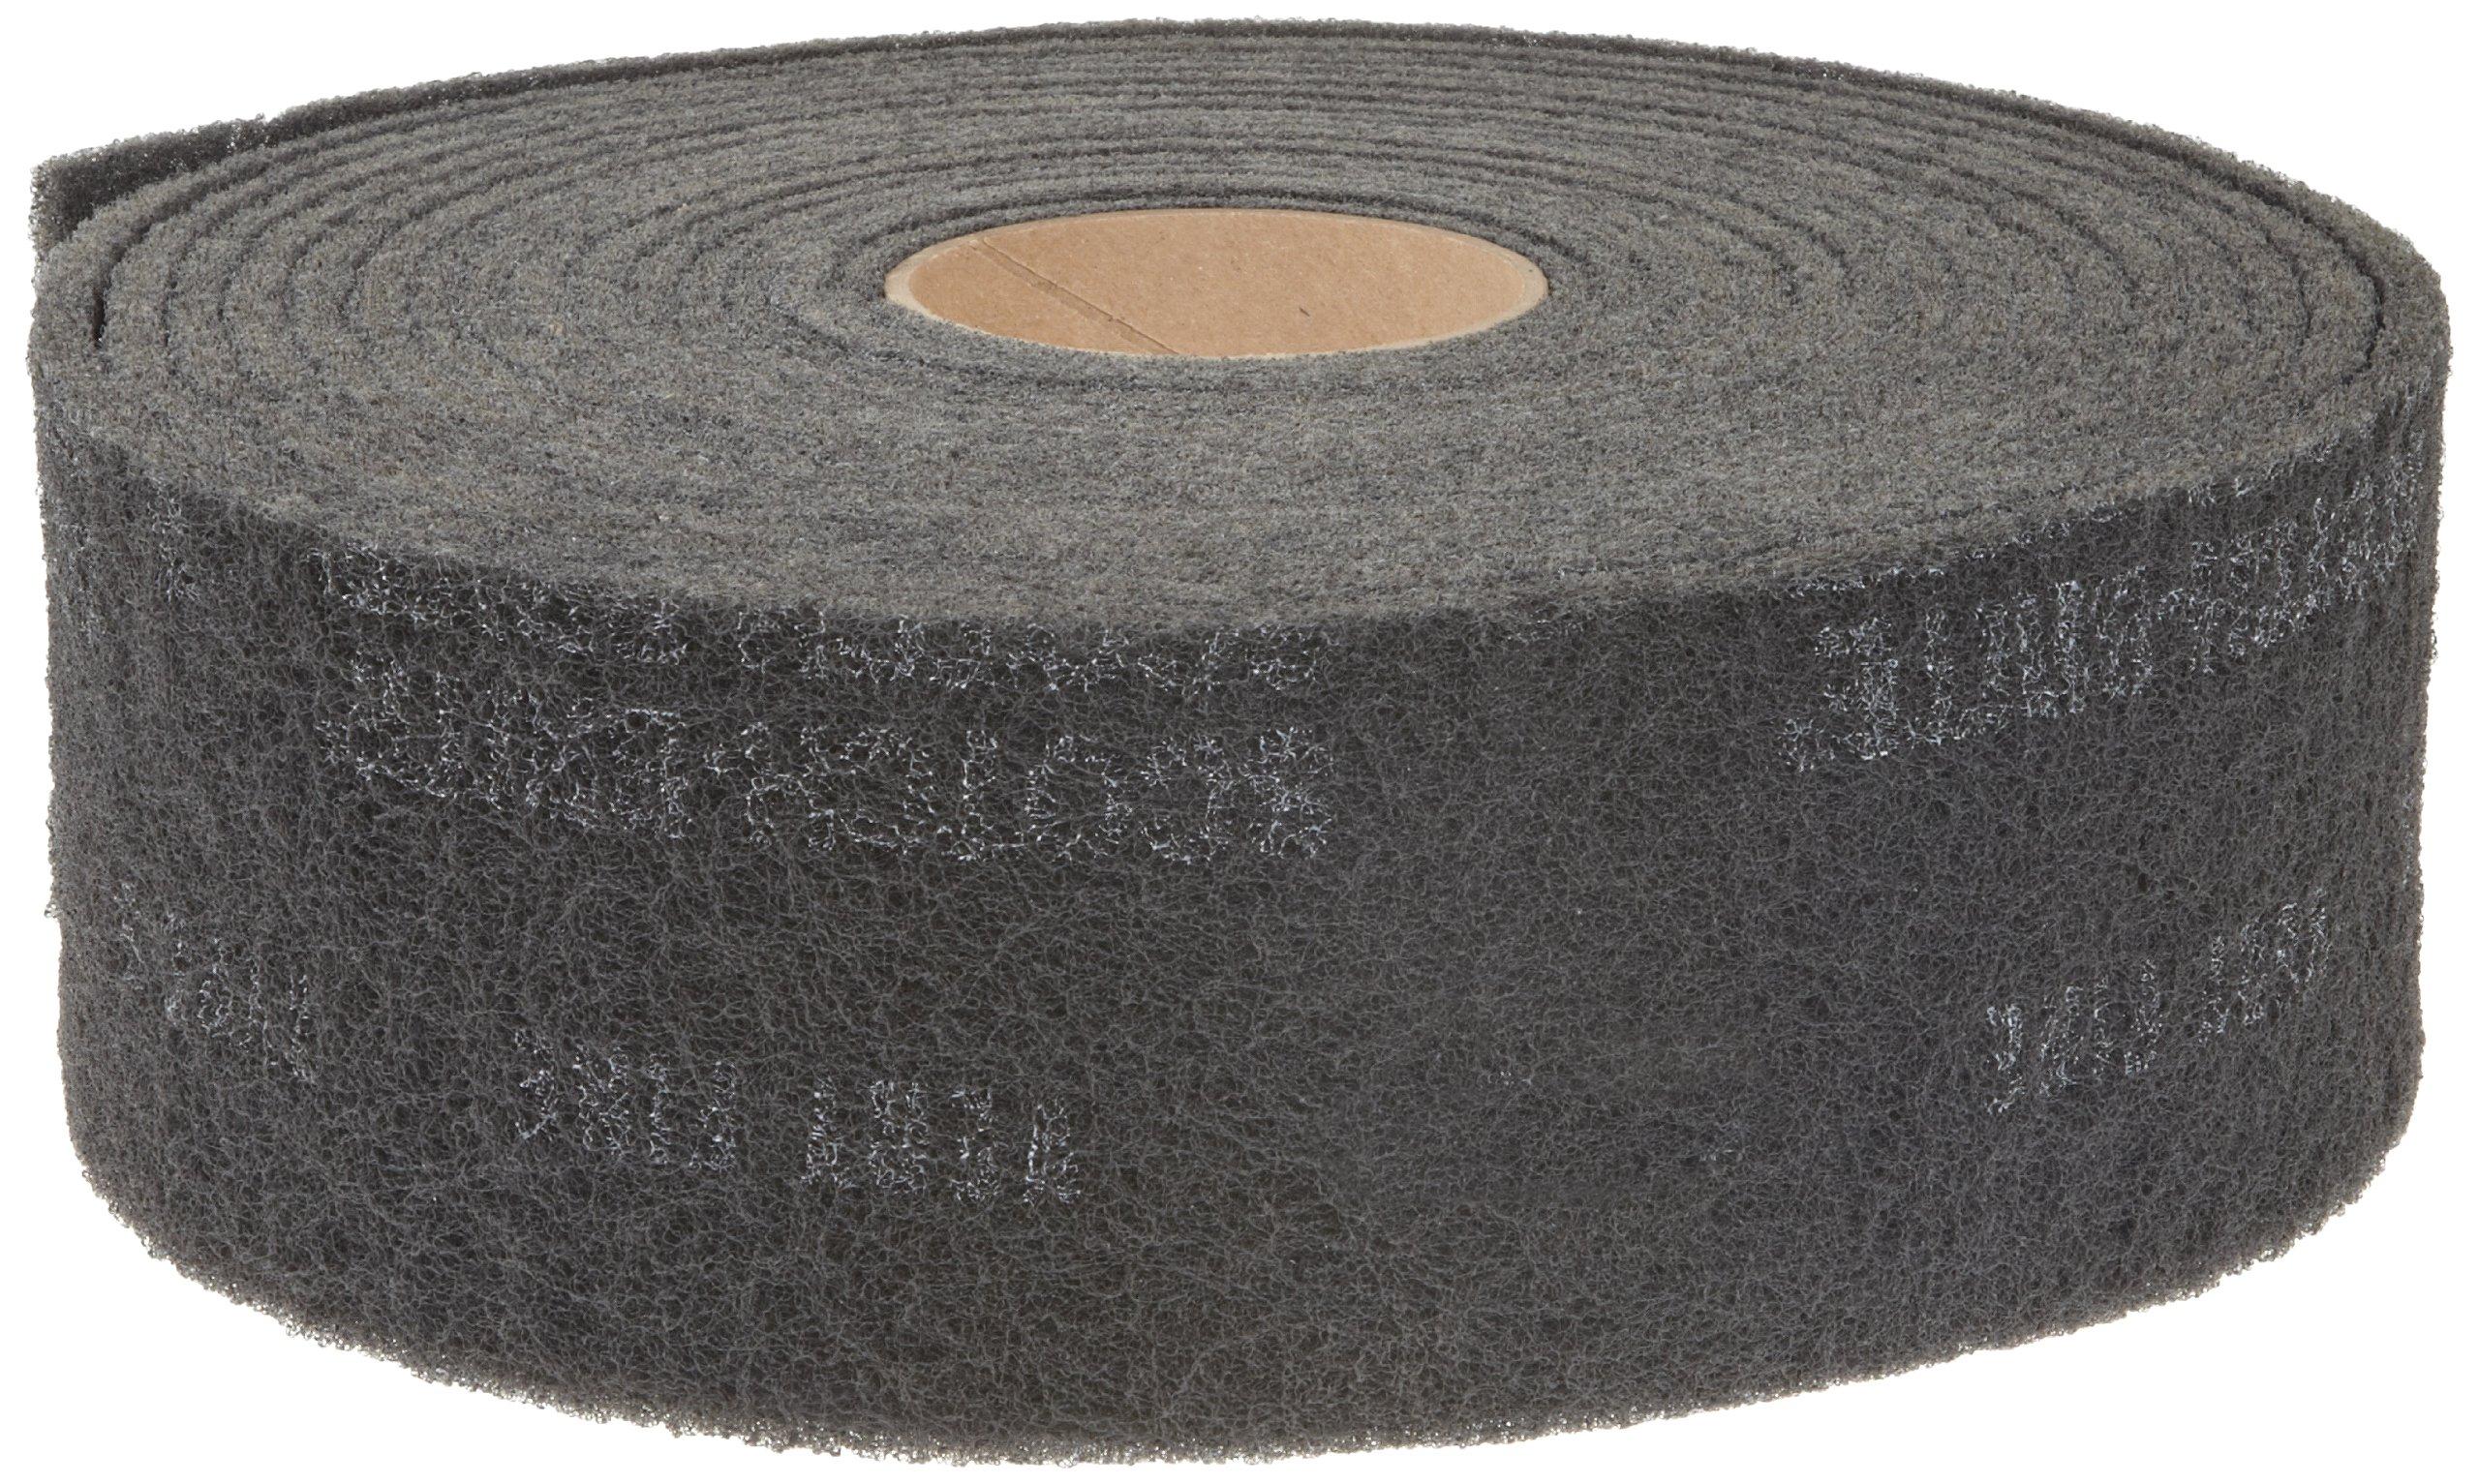 Scotch-Brite(TM) Clean And Finish Roll, 30' Length x 4 Width, Very Fine  (Pack of 3) by Scotch-Brite